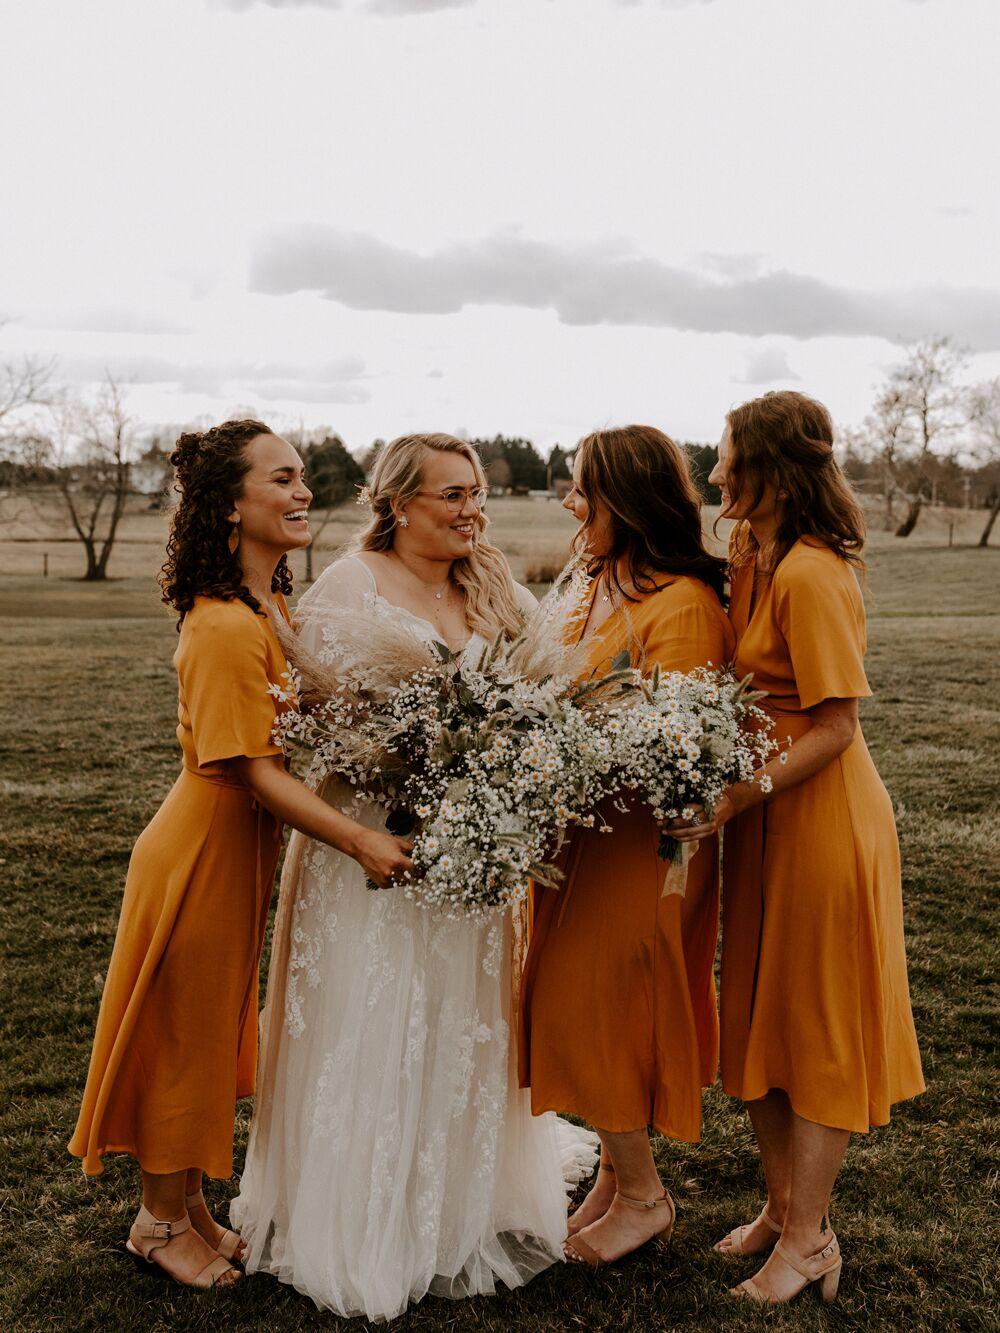 Βάλτε χρώμα, wedding trends